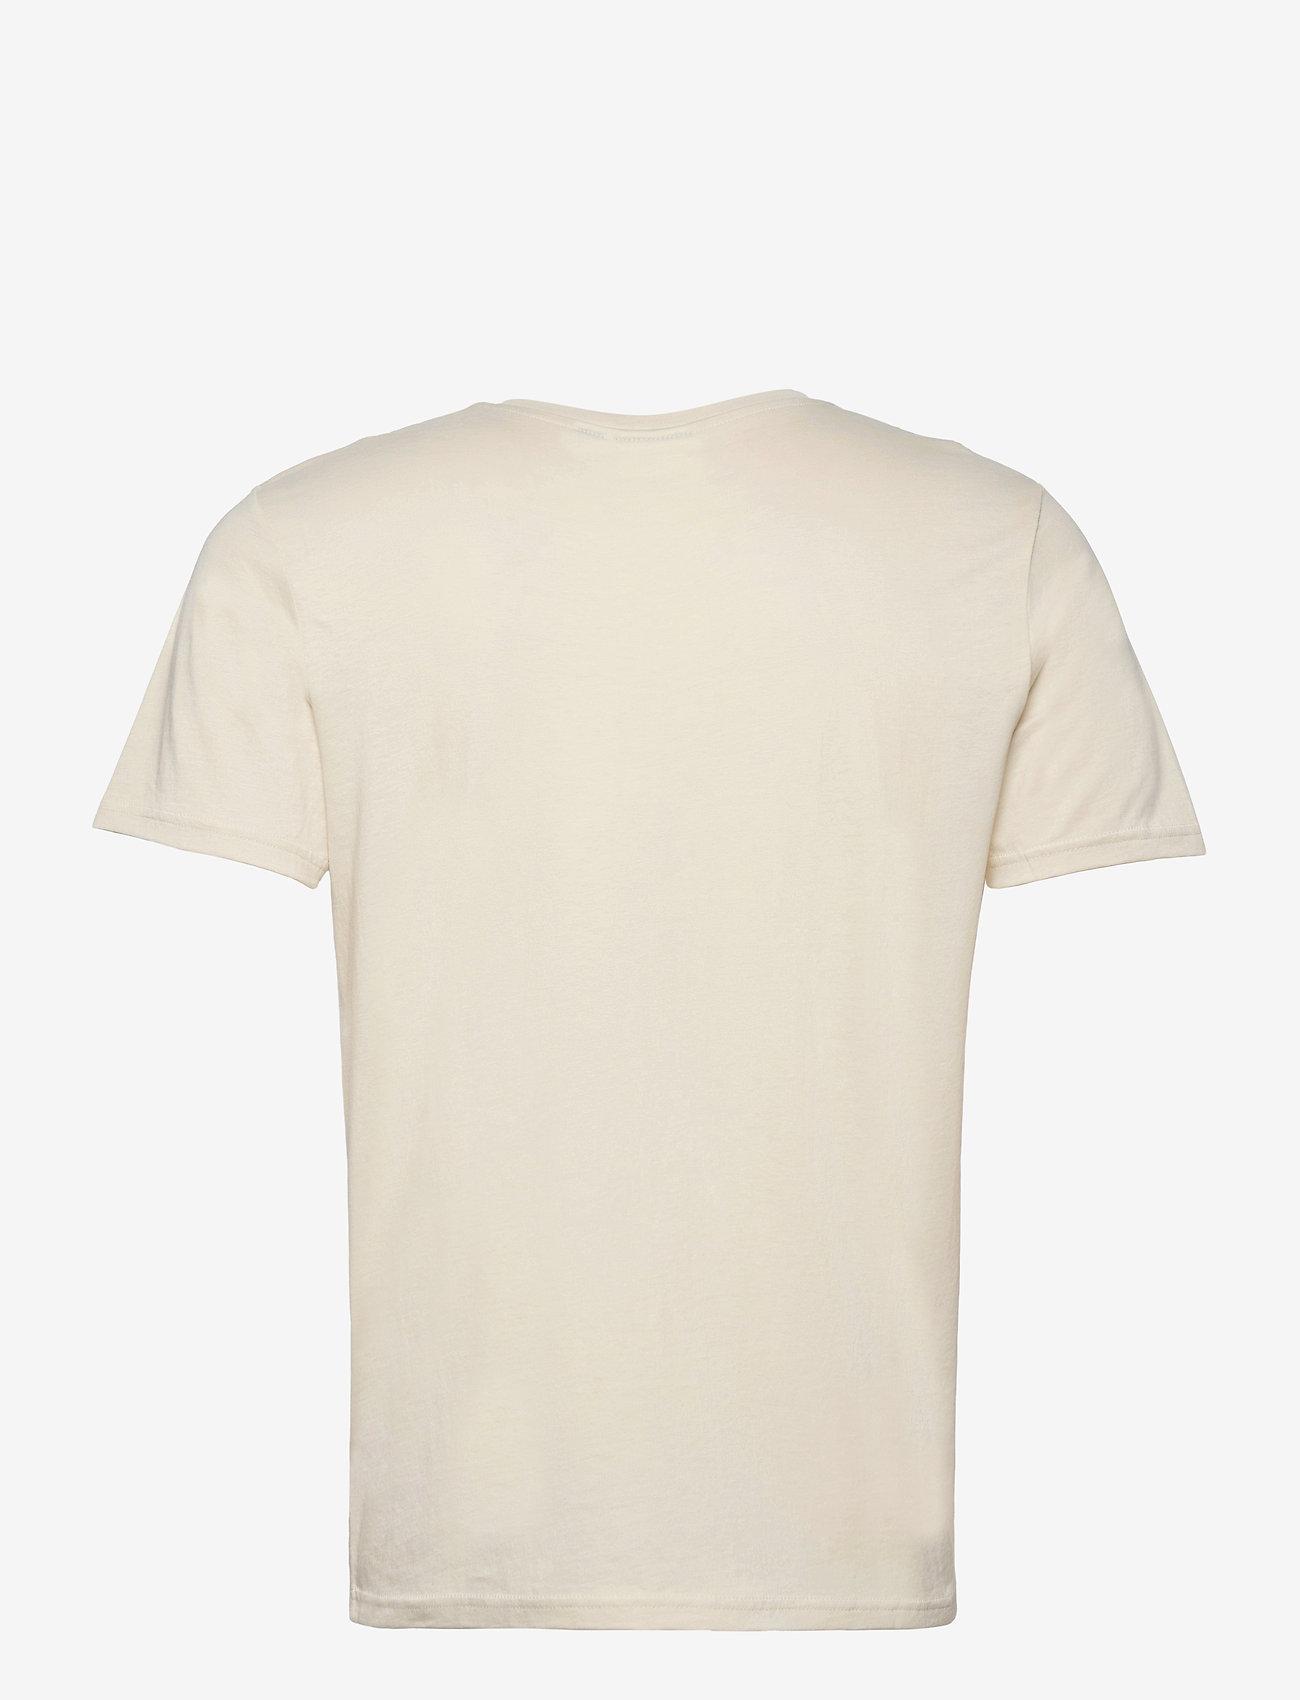 Hummel hmlACTON T-SHIRT - T-skjorter BONE WHITE - Menn Klær